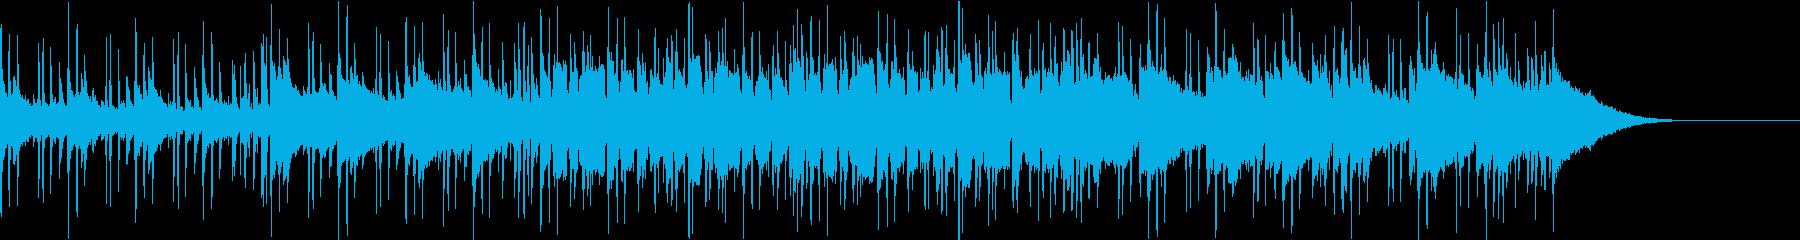 Pf「陽光」和風現代ジャズの再生済みの波形